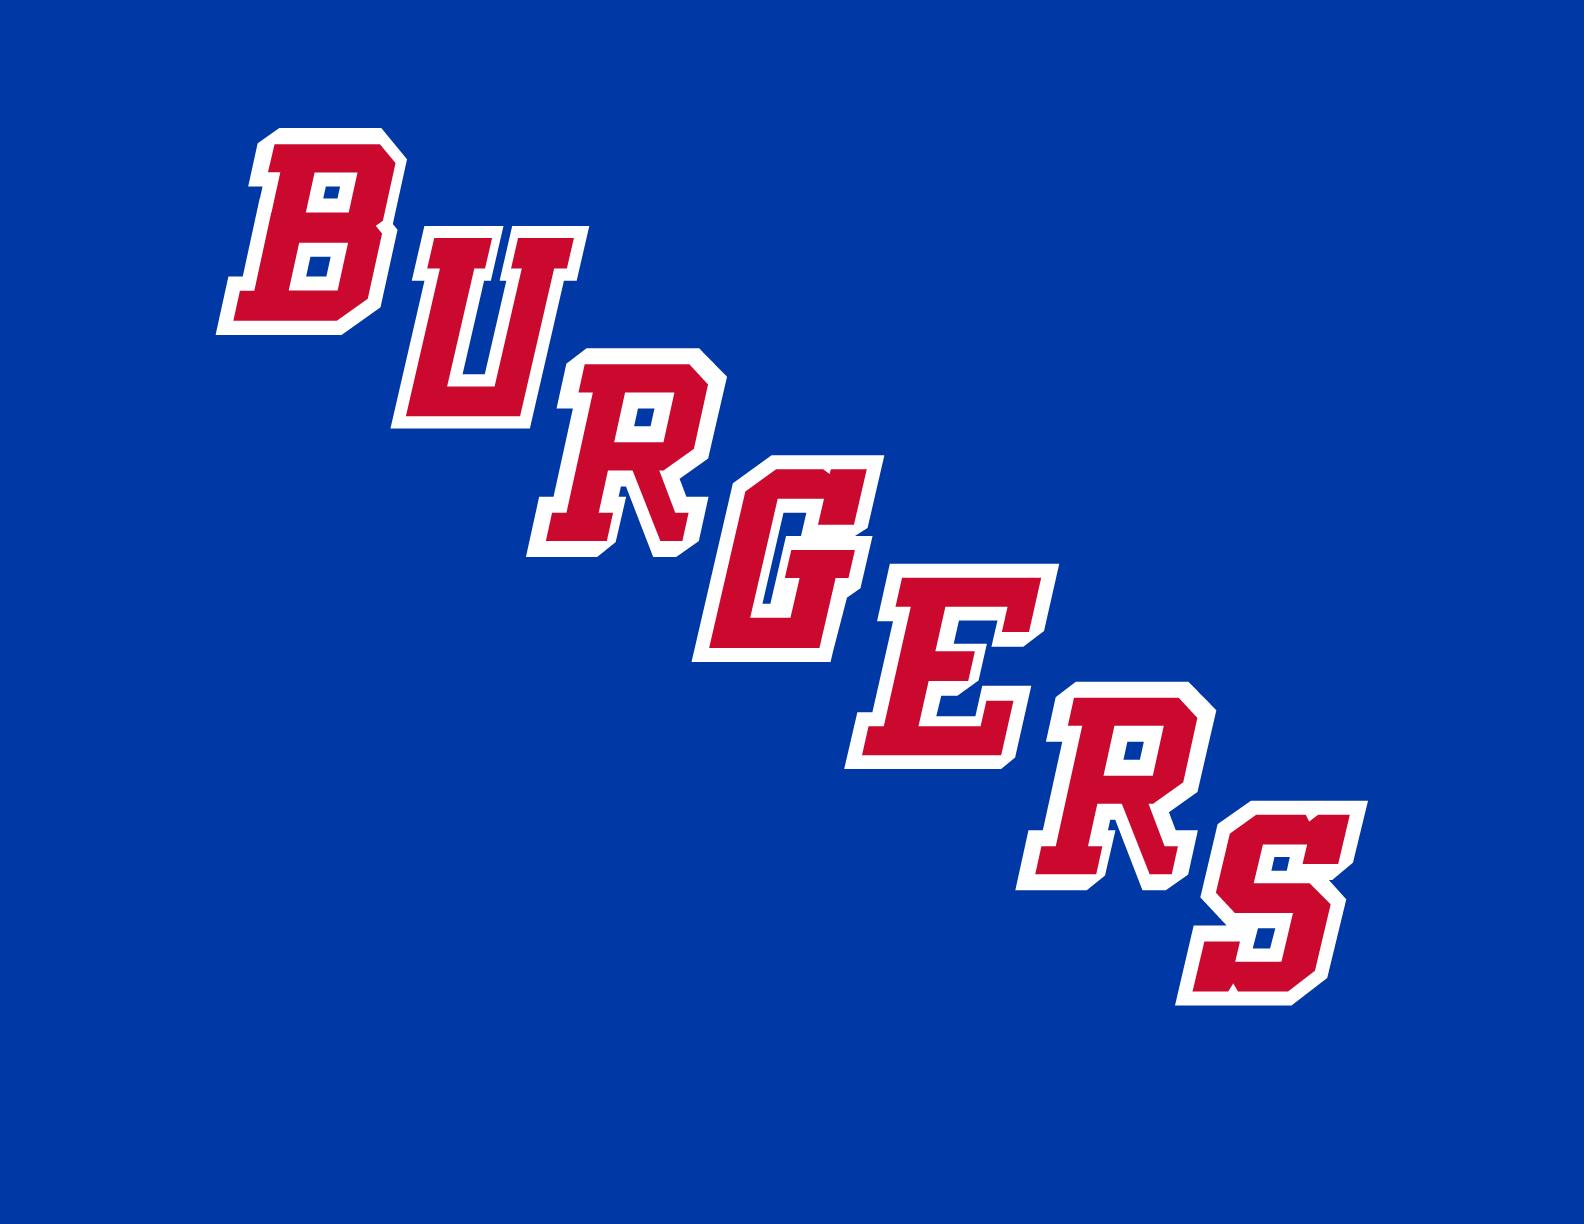 NY Burgers@2x.png